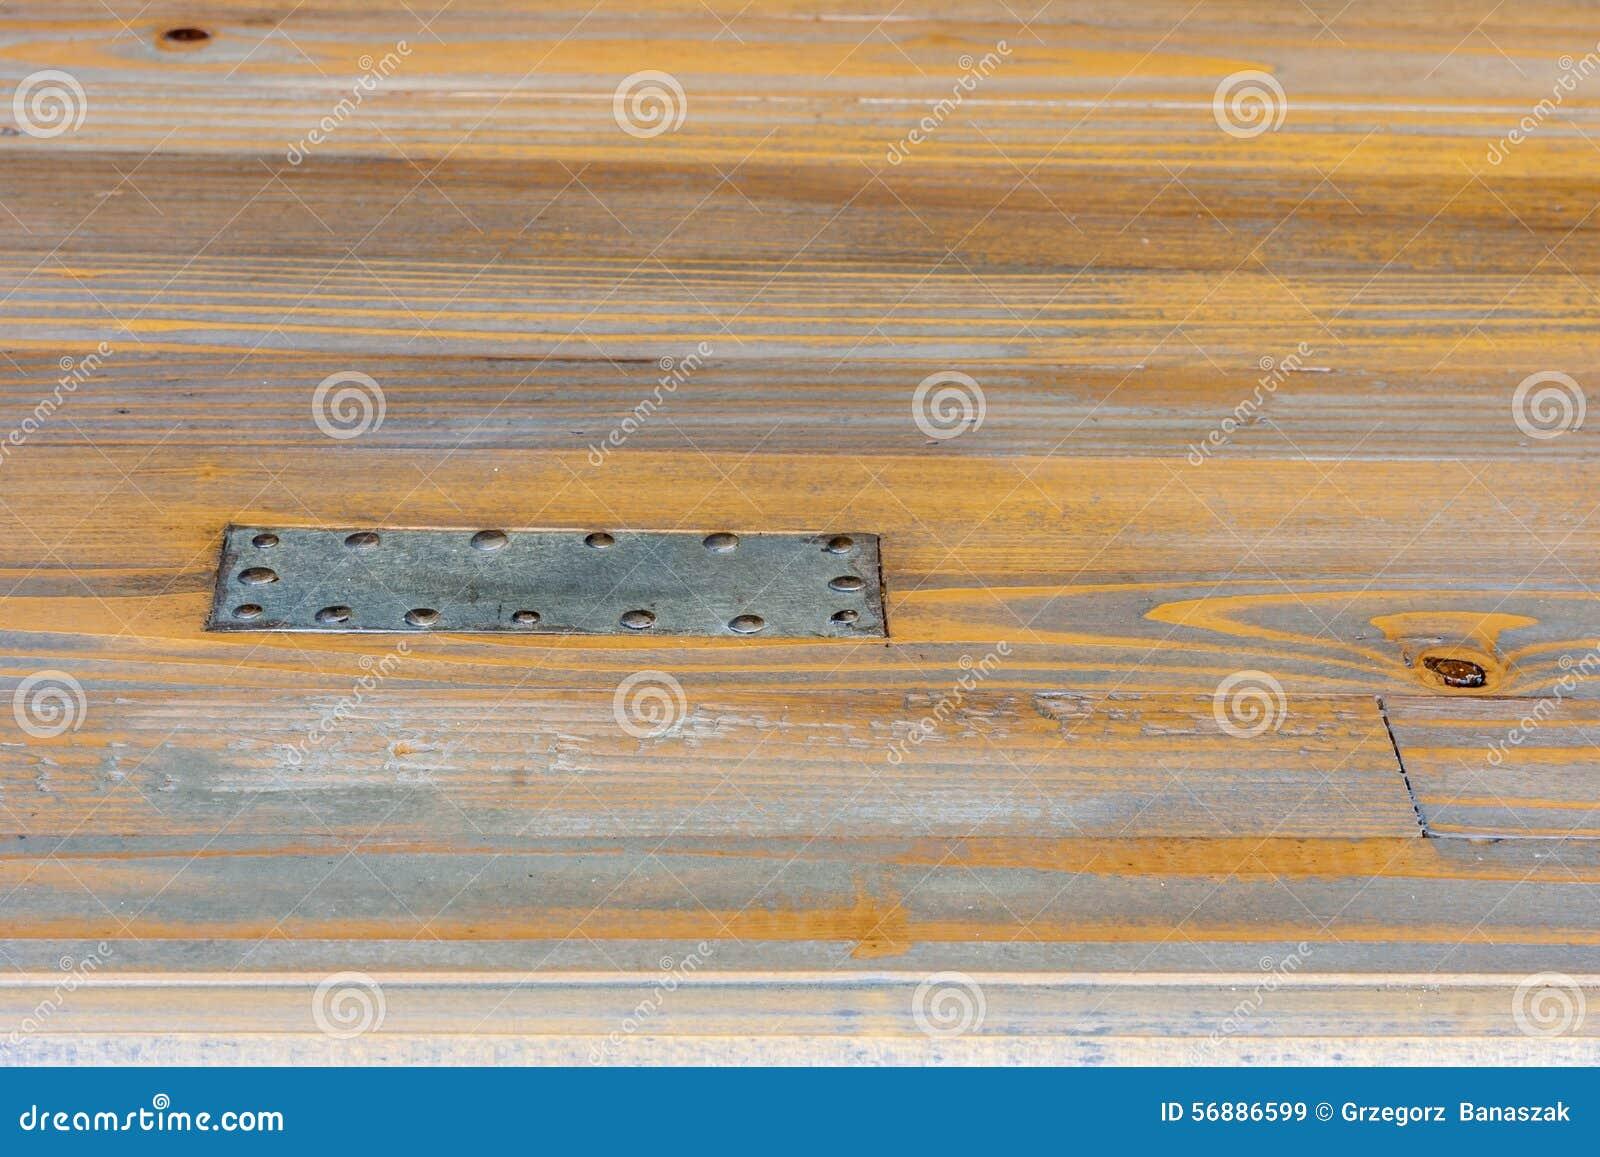 Placa de acero clavada a la madera